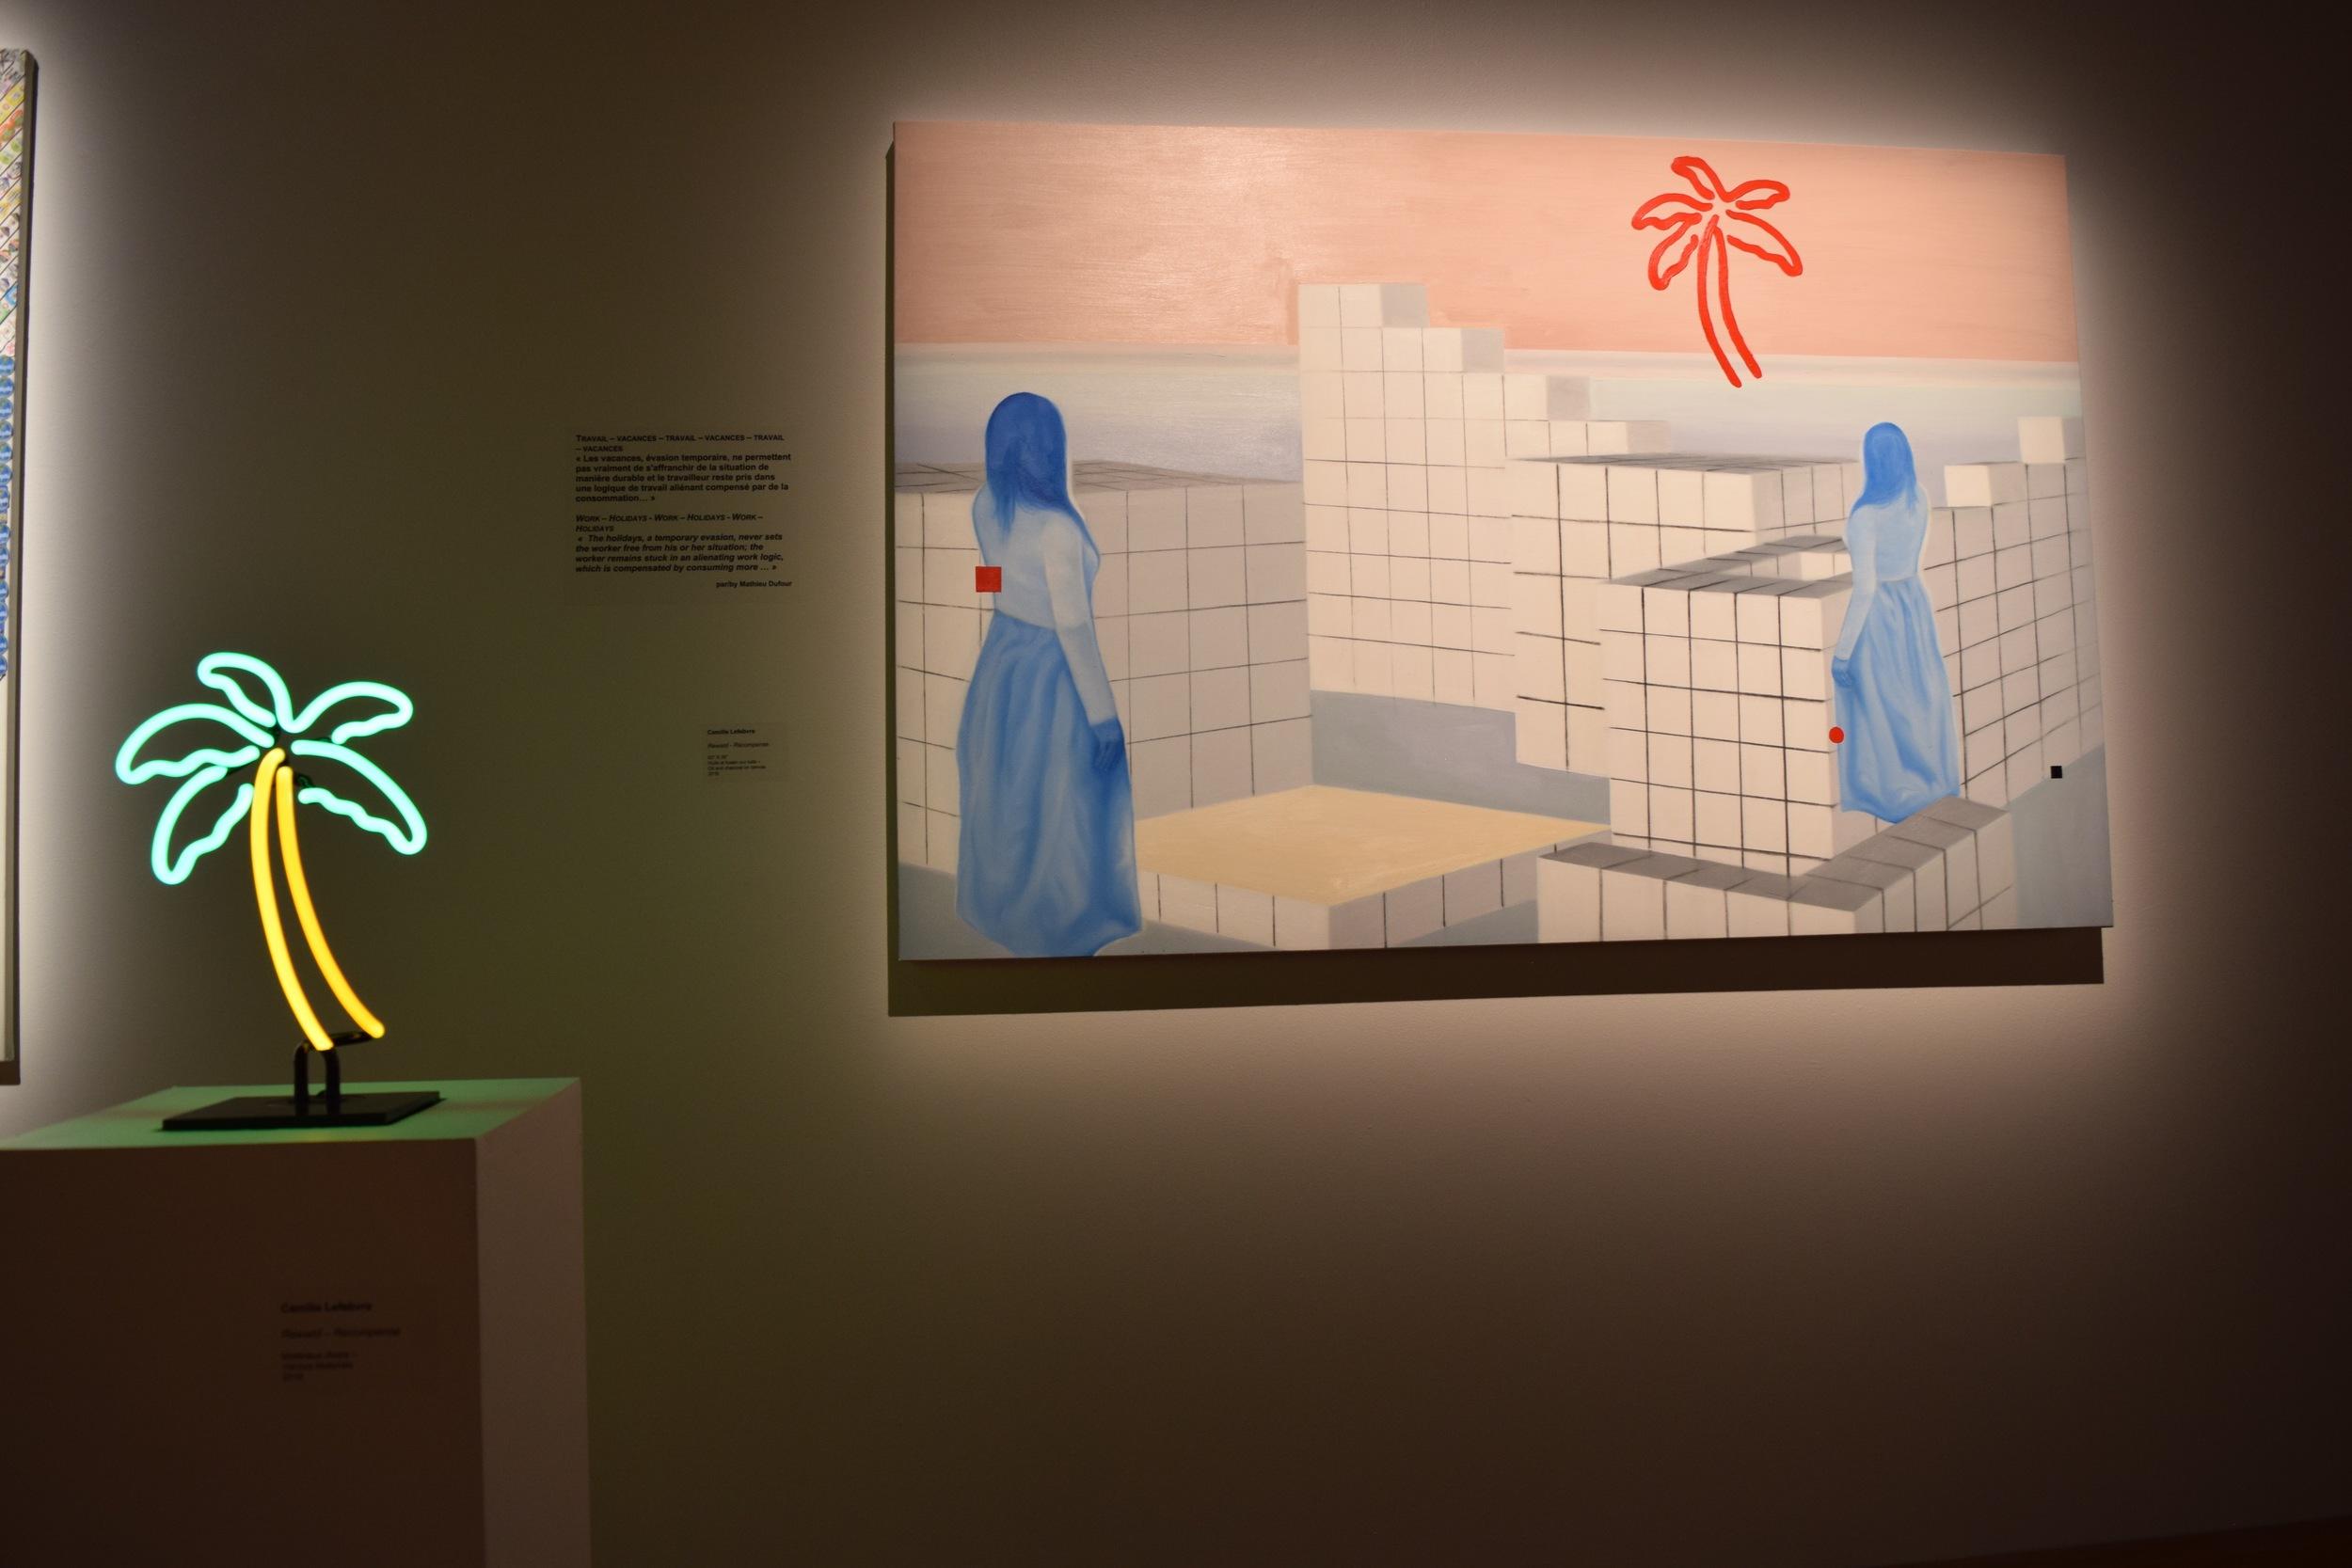 L  'oeuvre de Camille Lefebvre dans le cadre de   Possibilités  . La peinture, accompagnée du néon,illustraient l'économie marxiste en interaction avec un texte de Mathieu Dufour.